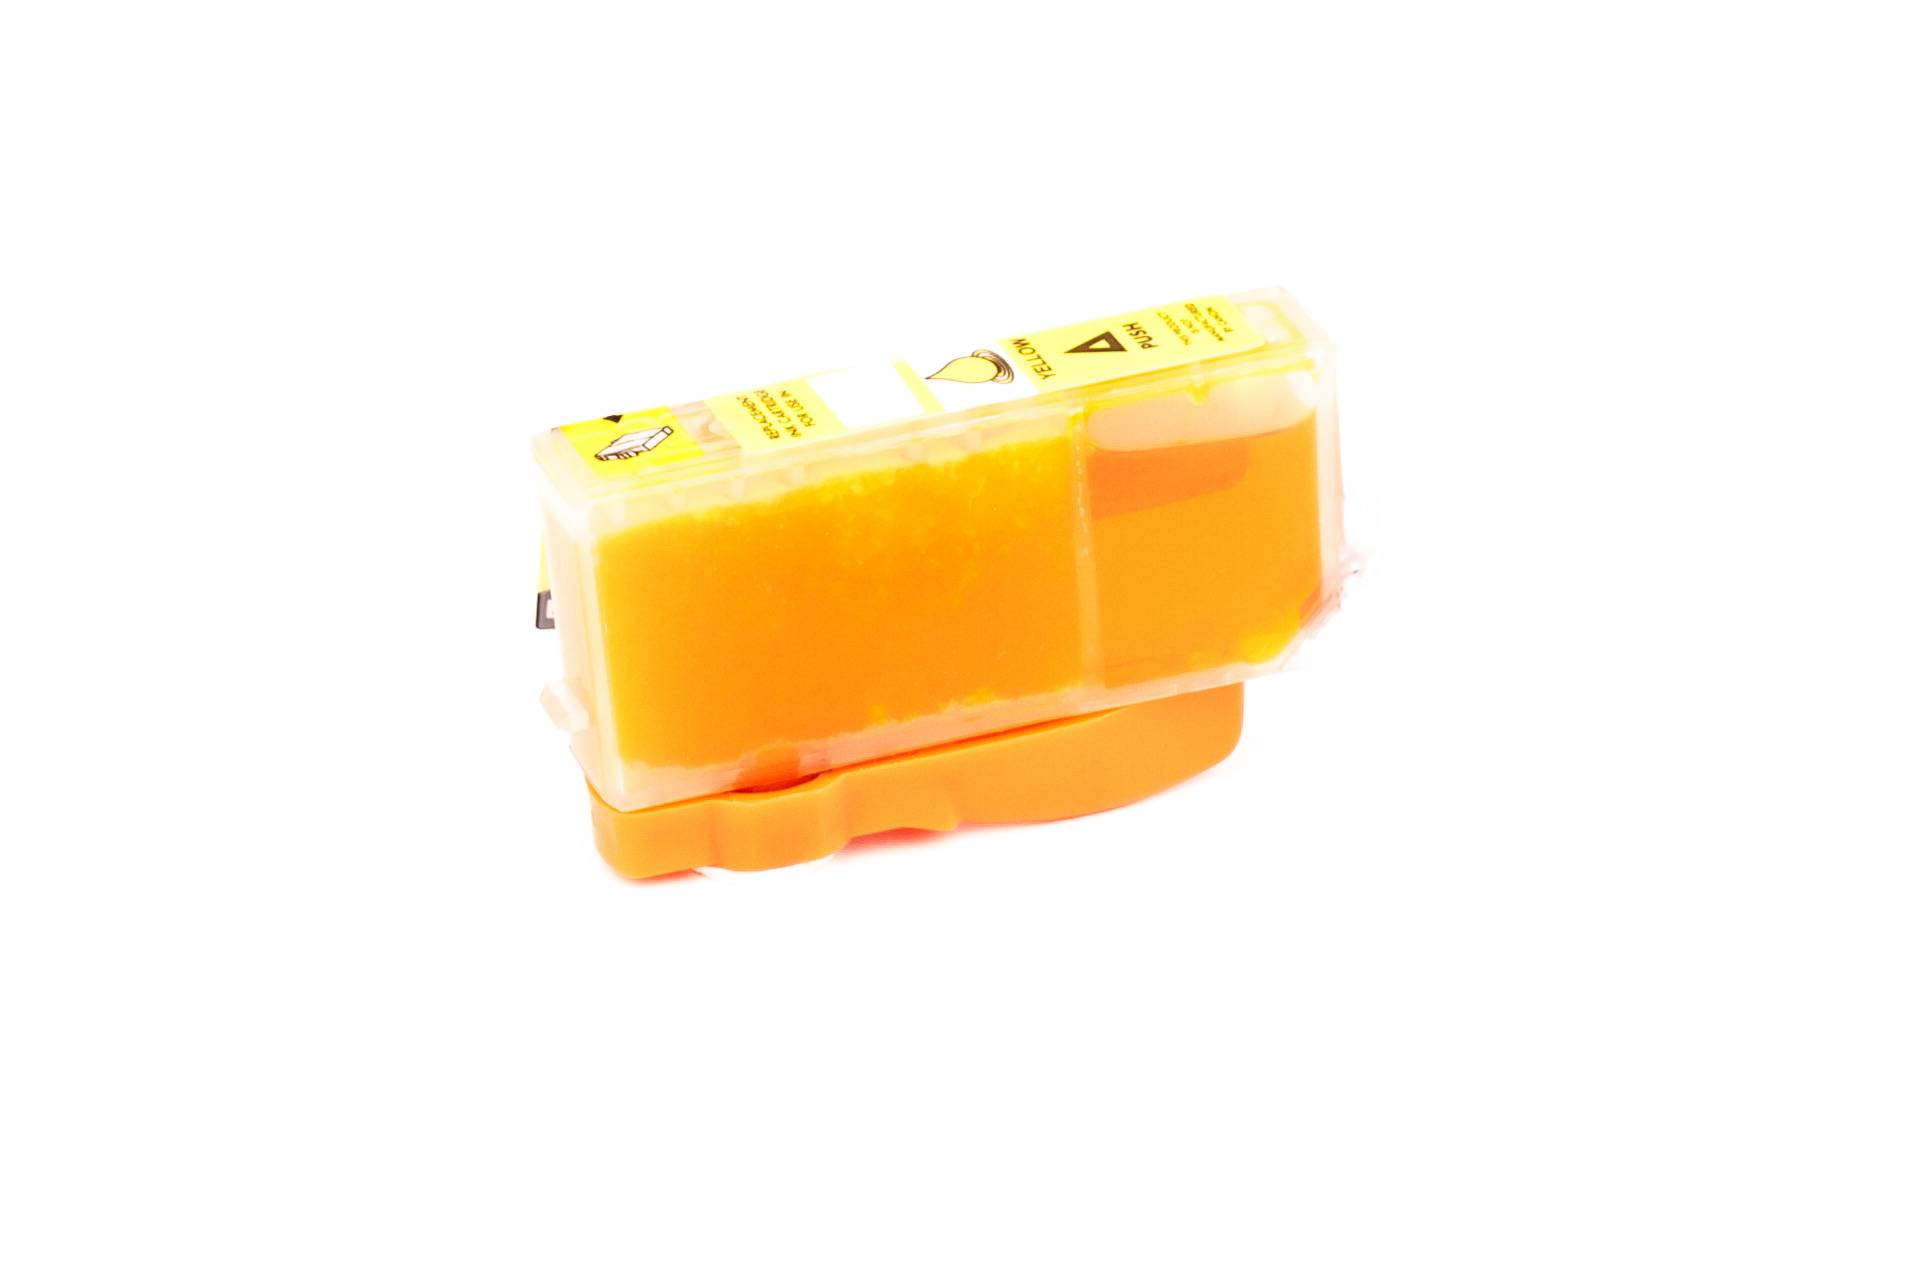 Canon Cartouche d'encre pour Canon 2936B001 / CLI-521 Y jaune compatible (de marque ASC)